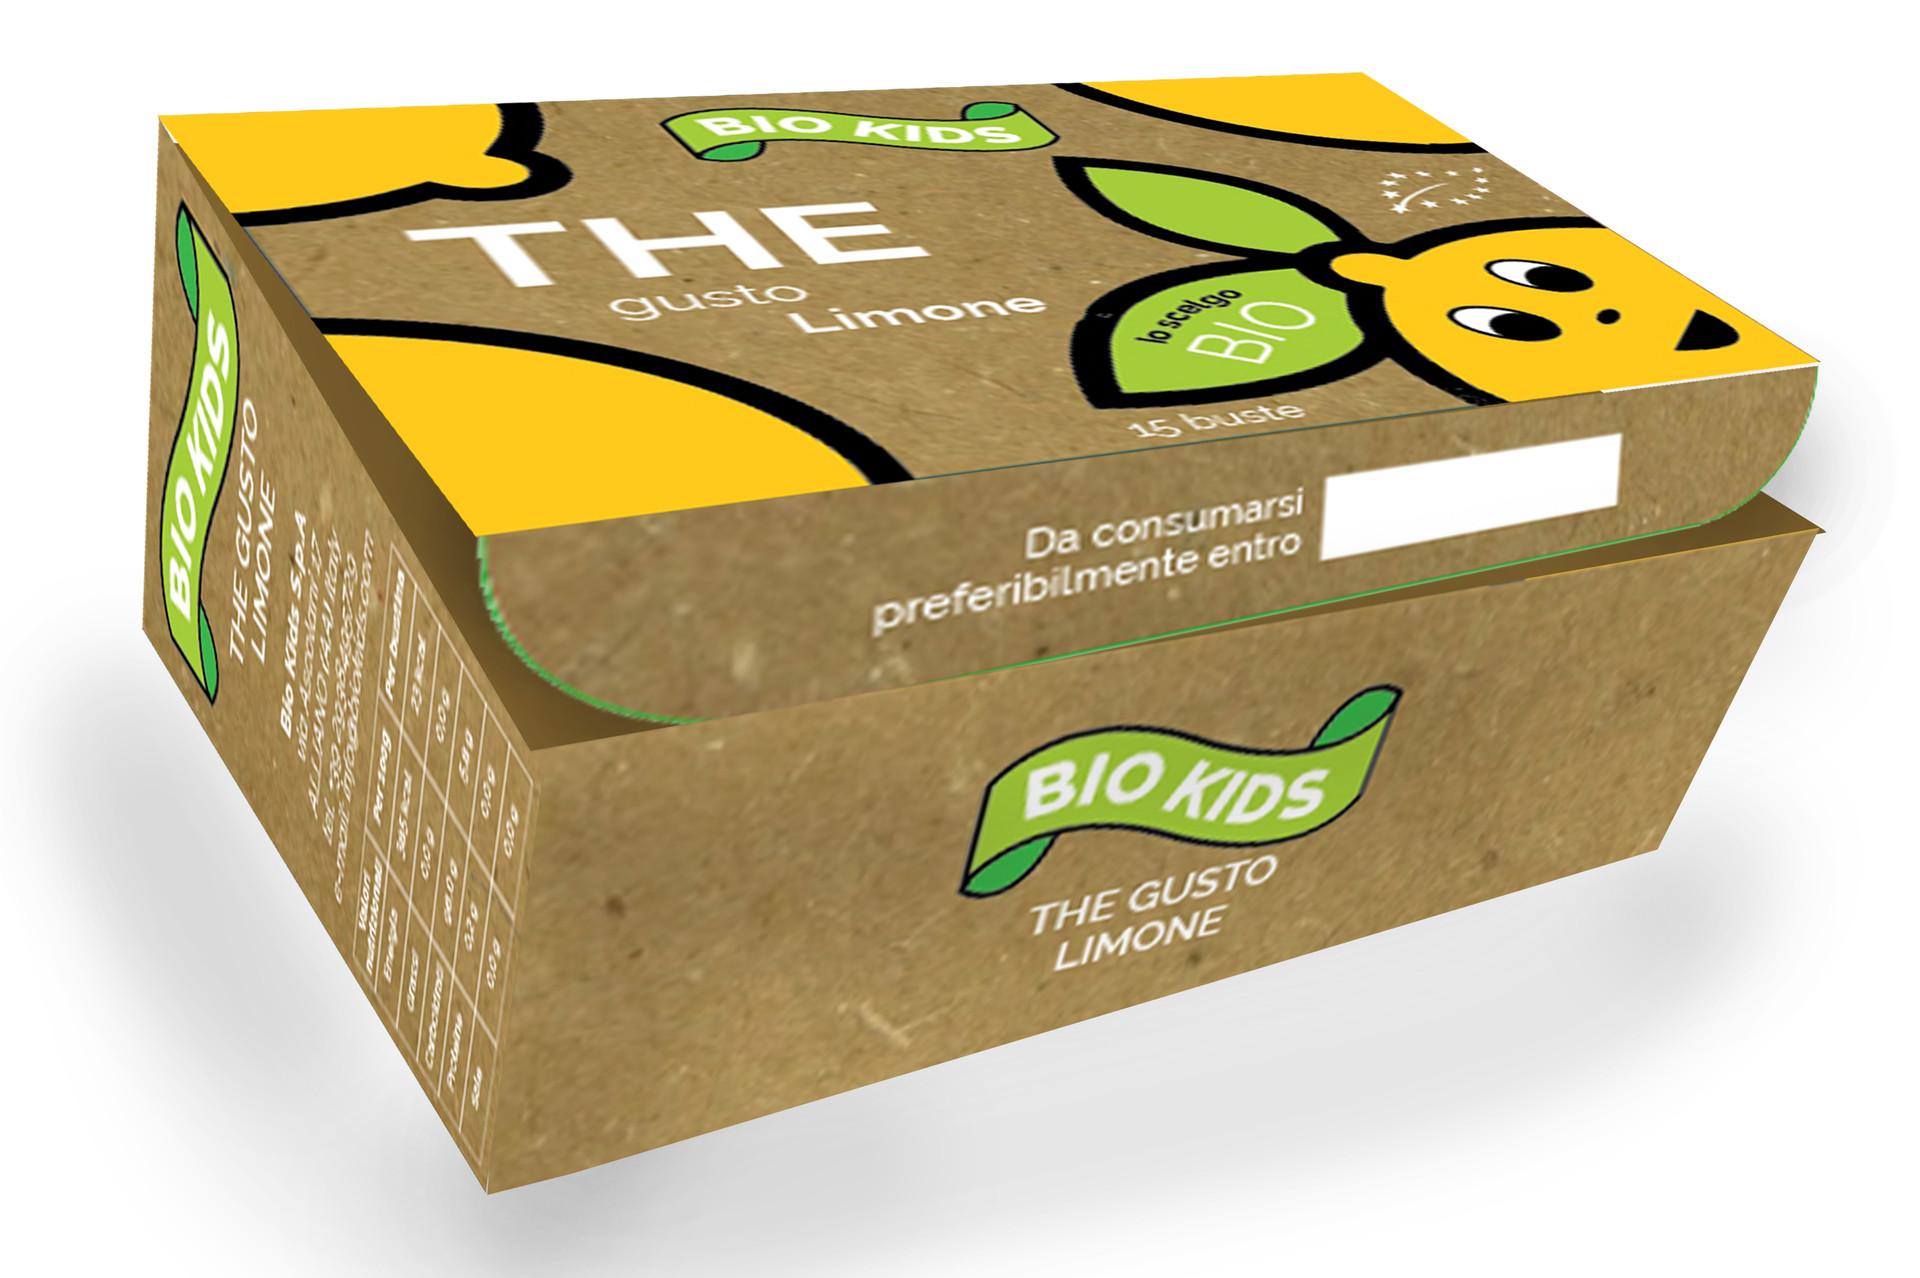 BioKids | Packaging Bio